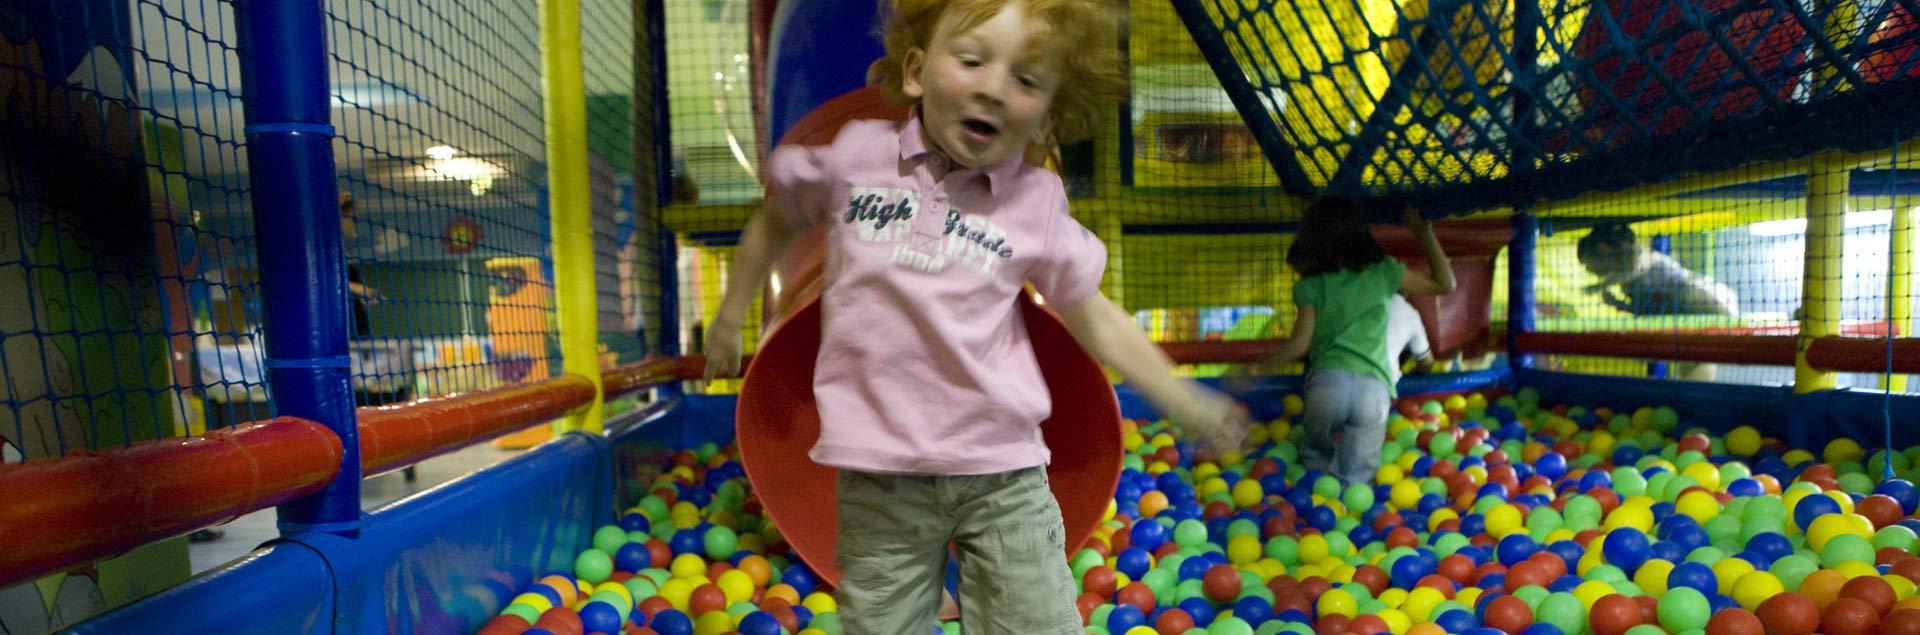 Actividades para Niños | SPORT HOTELS ANDORRA